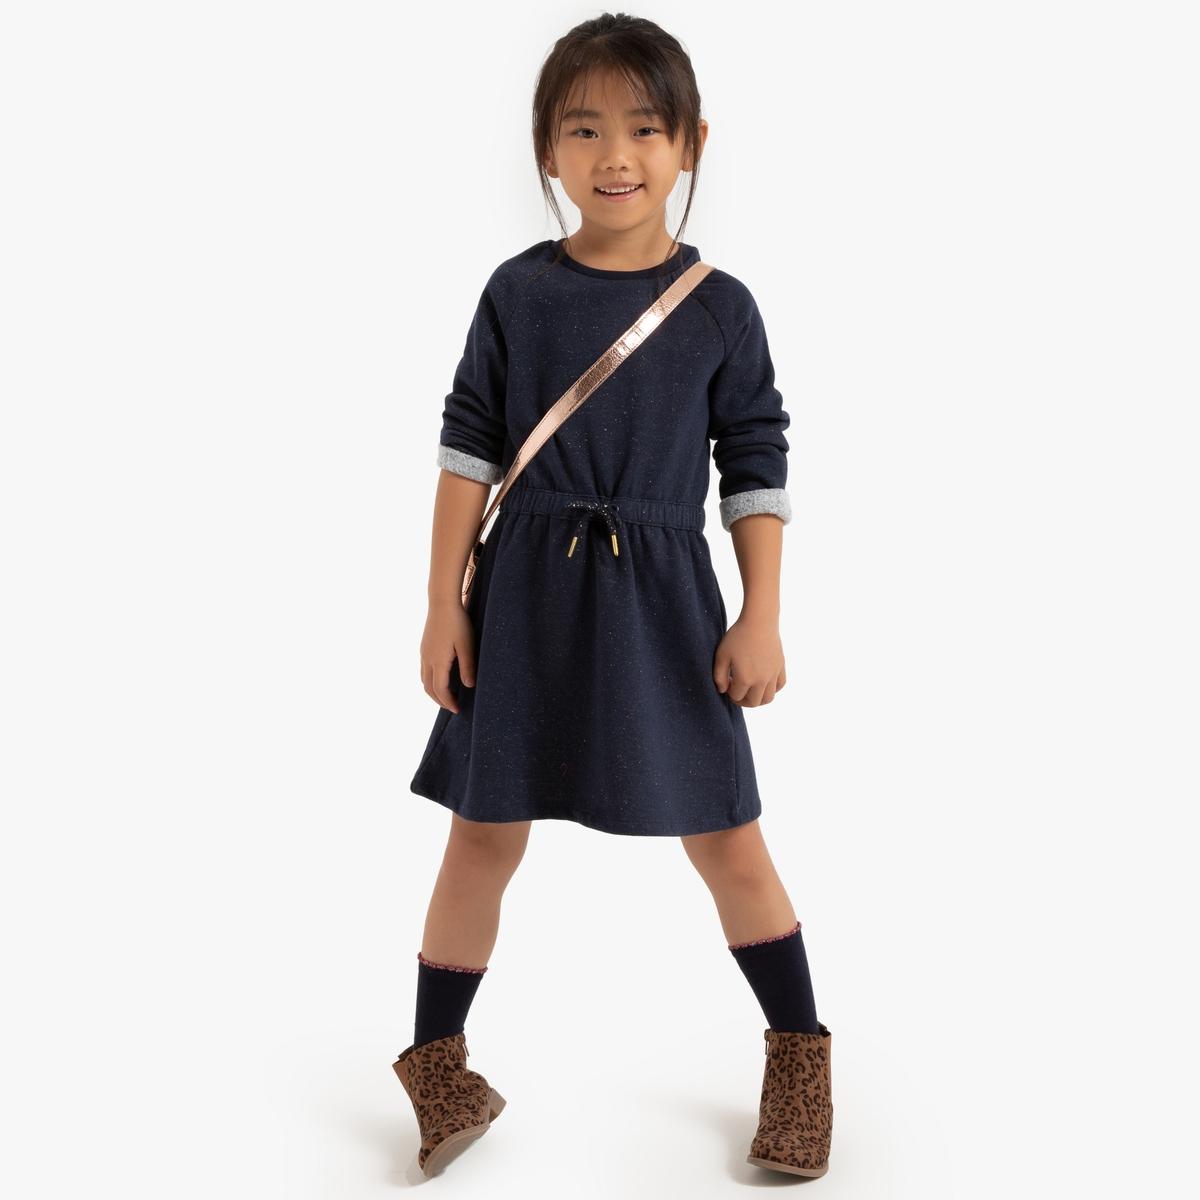 Платье La Redoute С длинными рукавами из мольтона 6 лет - 114 см синий полосатые la redoute шорты от до лет 6 лет 114 см синий